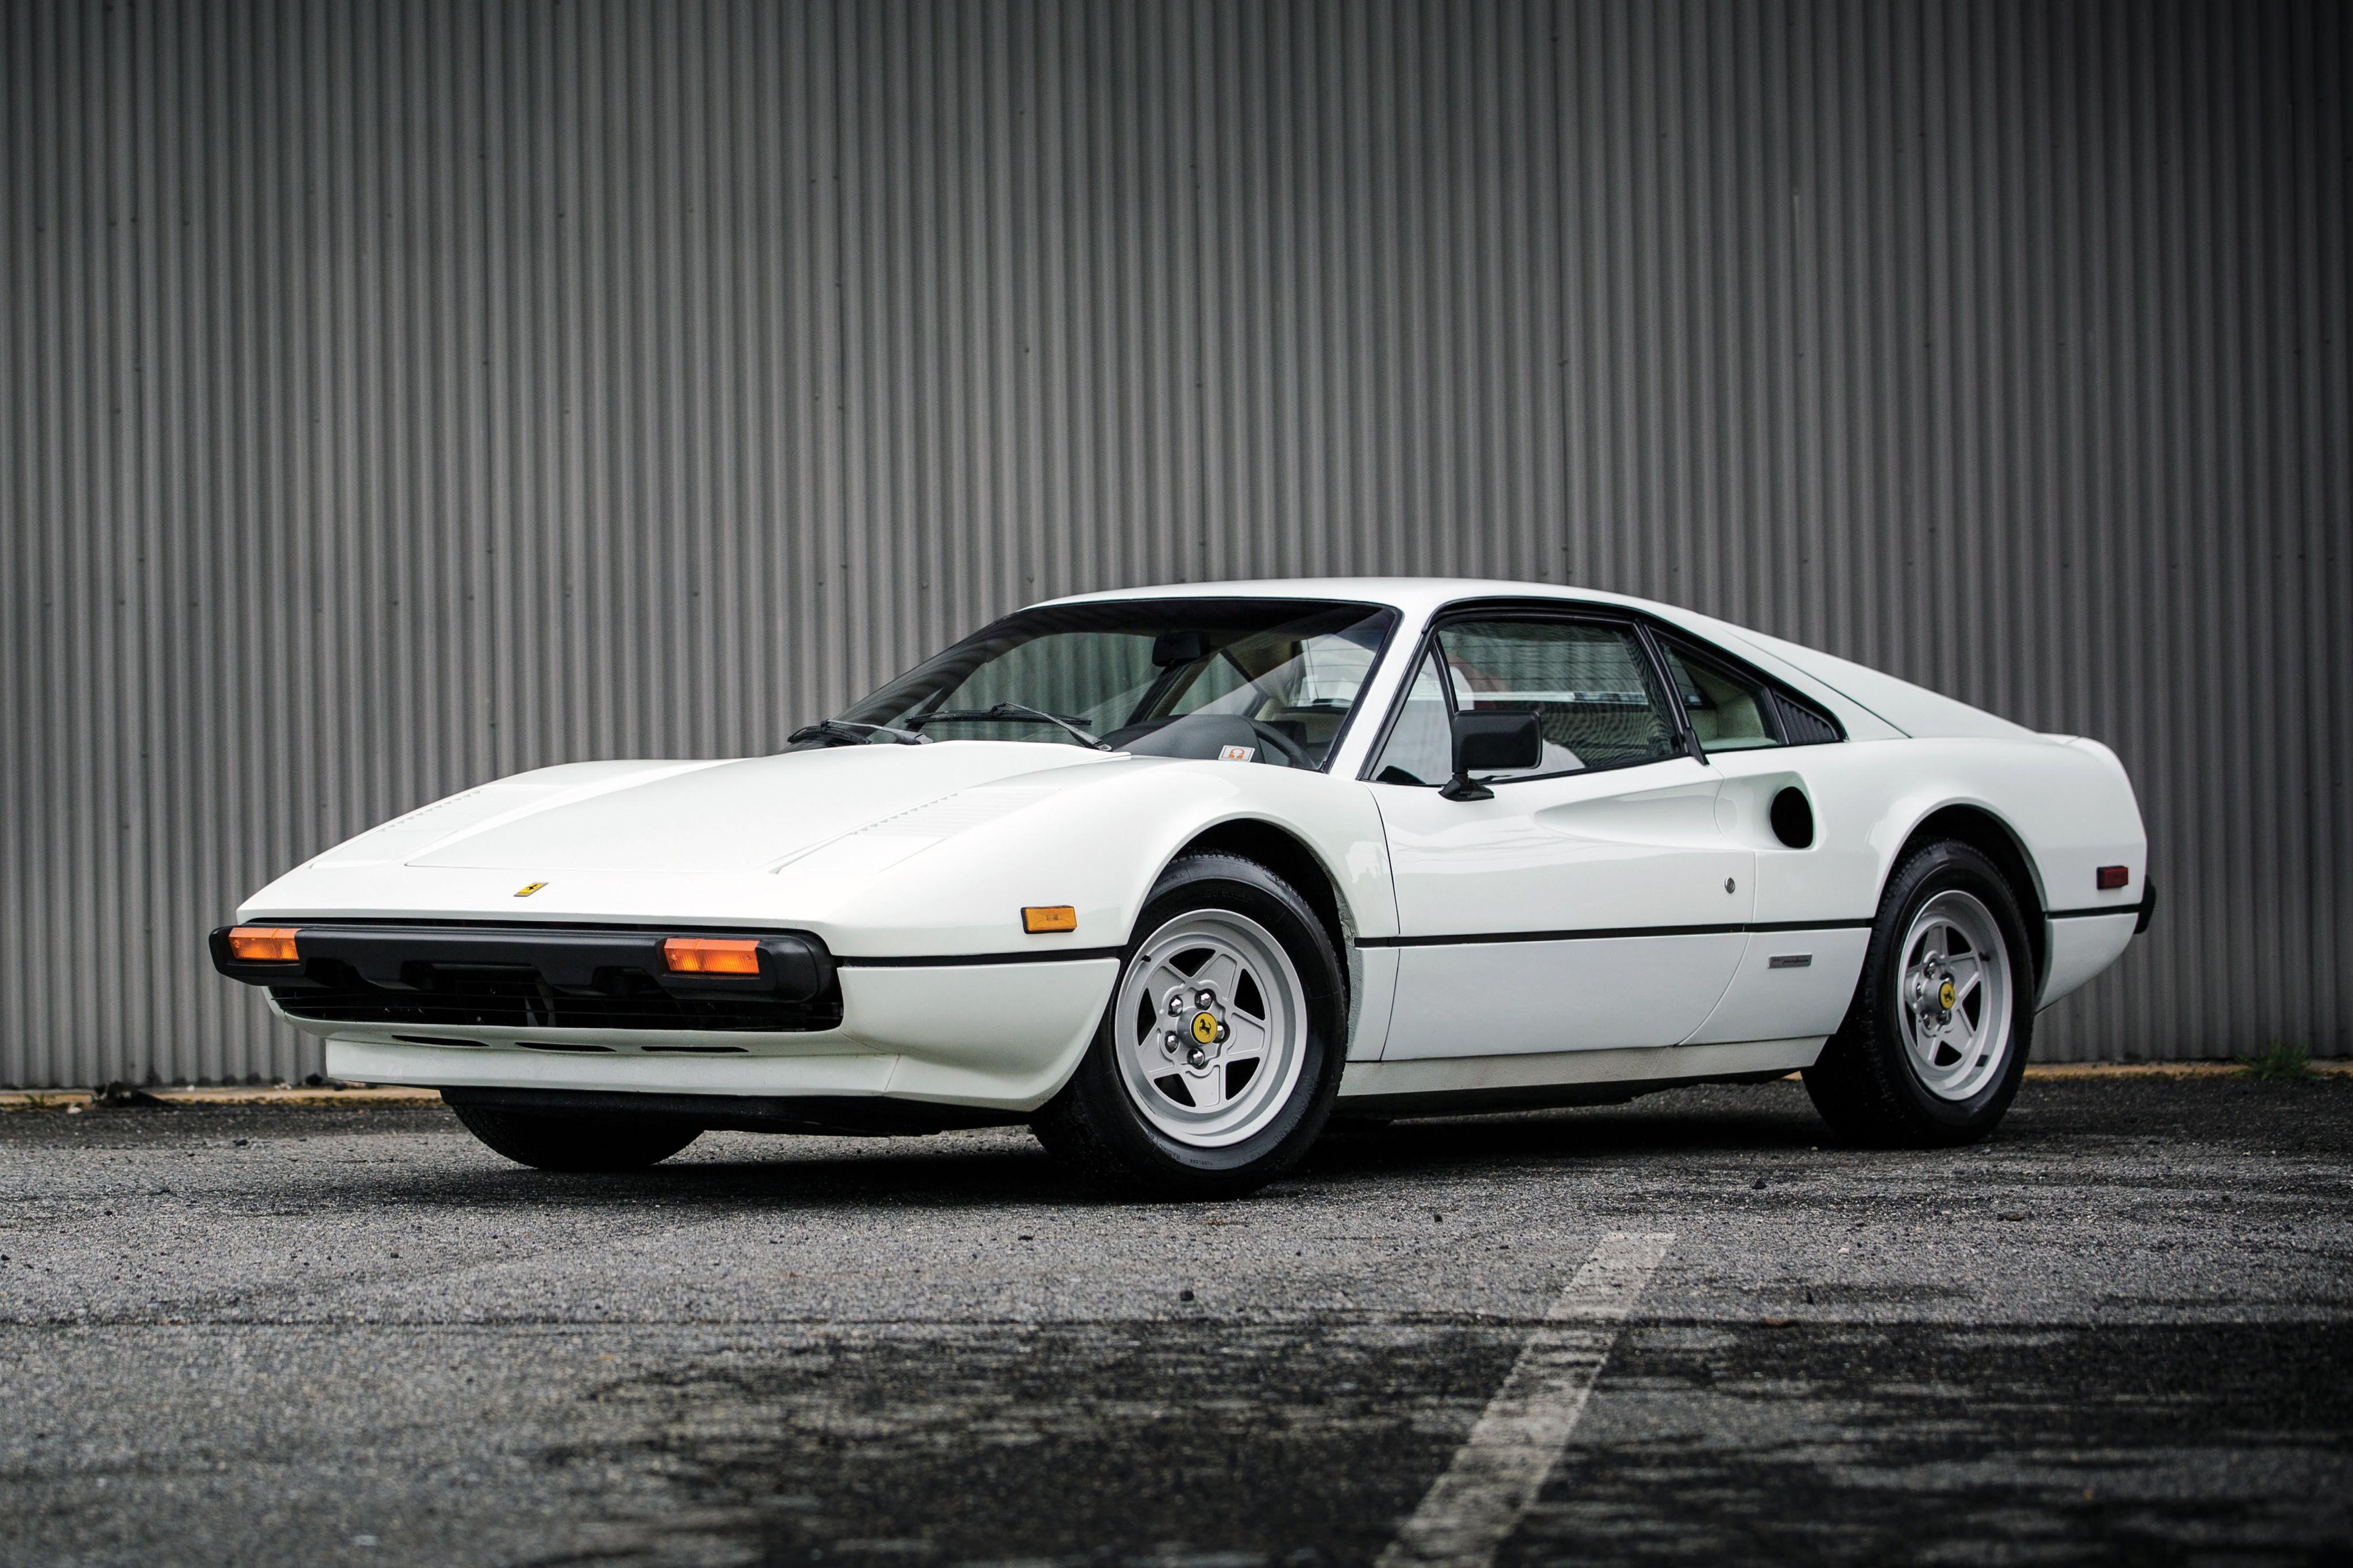 Ferrari 308 Gtbi Spezifikationen Fotos 1980 1981 1982 1983 Autoevolution In Deutscher Sprache